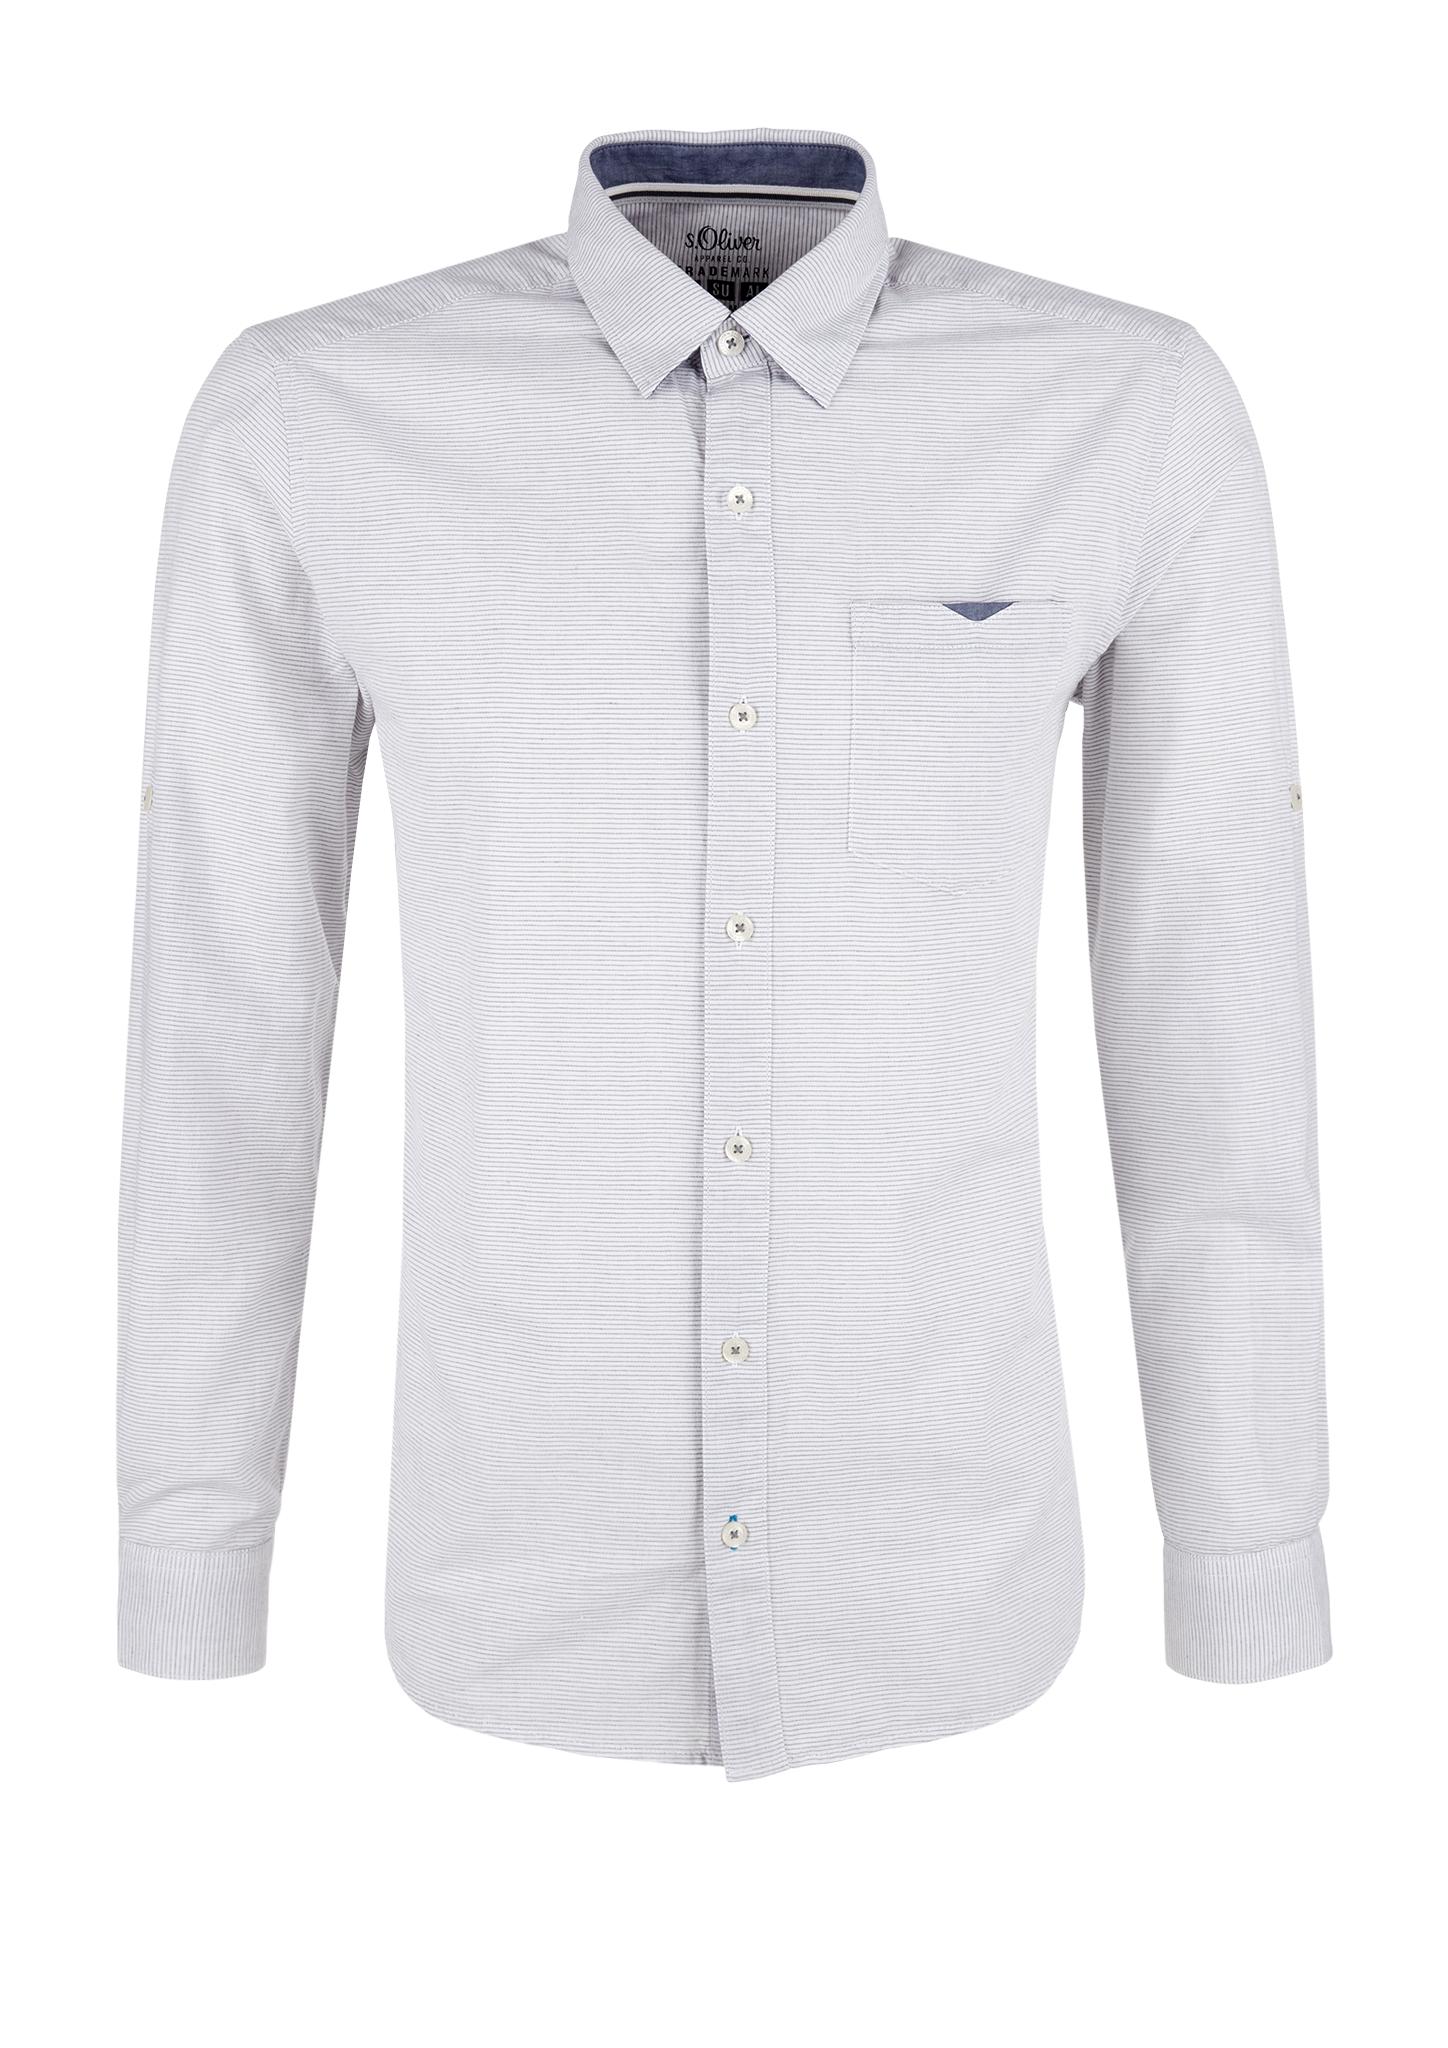 Hemd | Bekleidung | Weiß | 100% baumwolle | s.Oliver